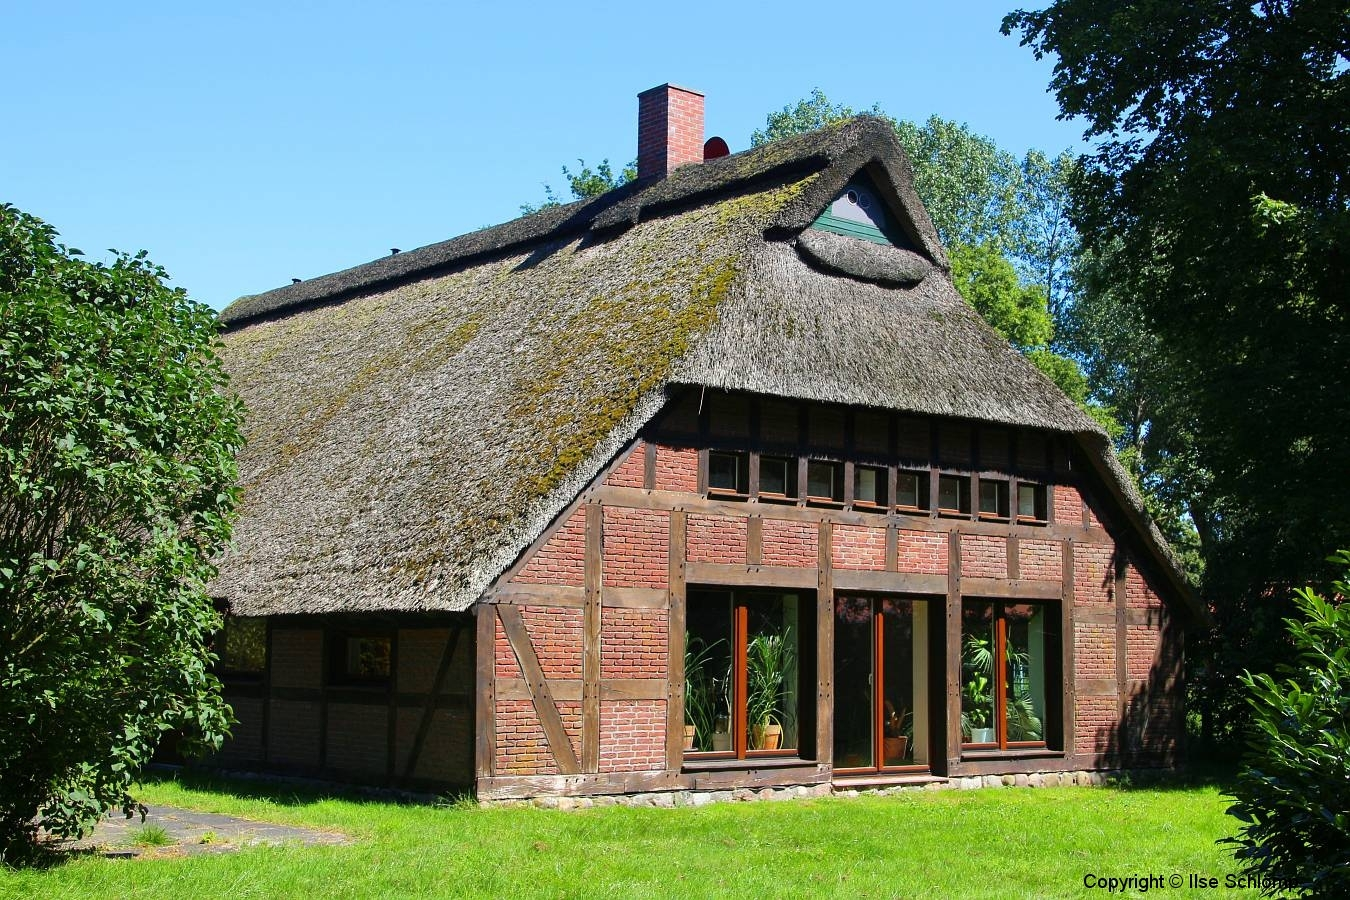 Cuxland, Beverstedt-Hollen-Heise 2013